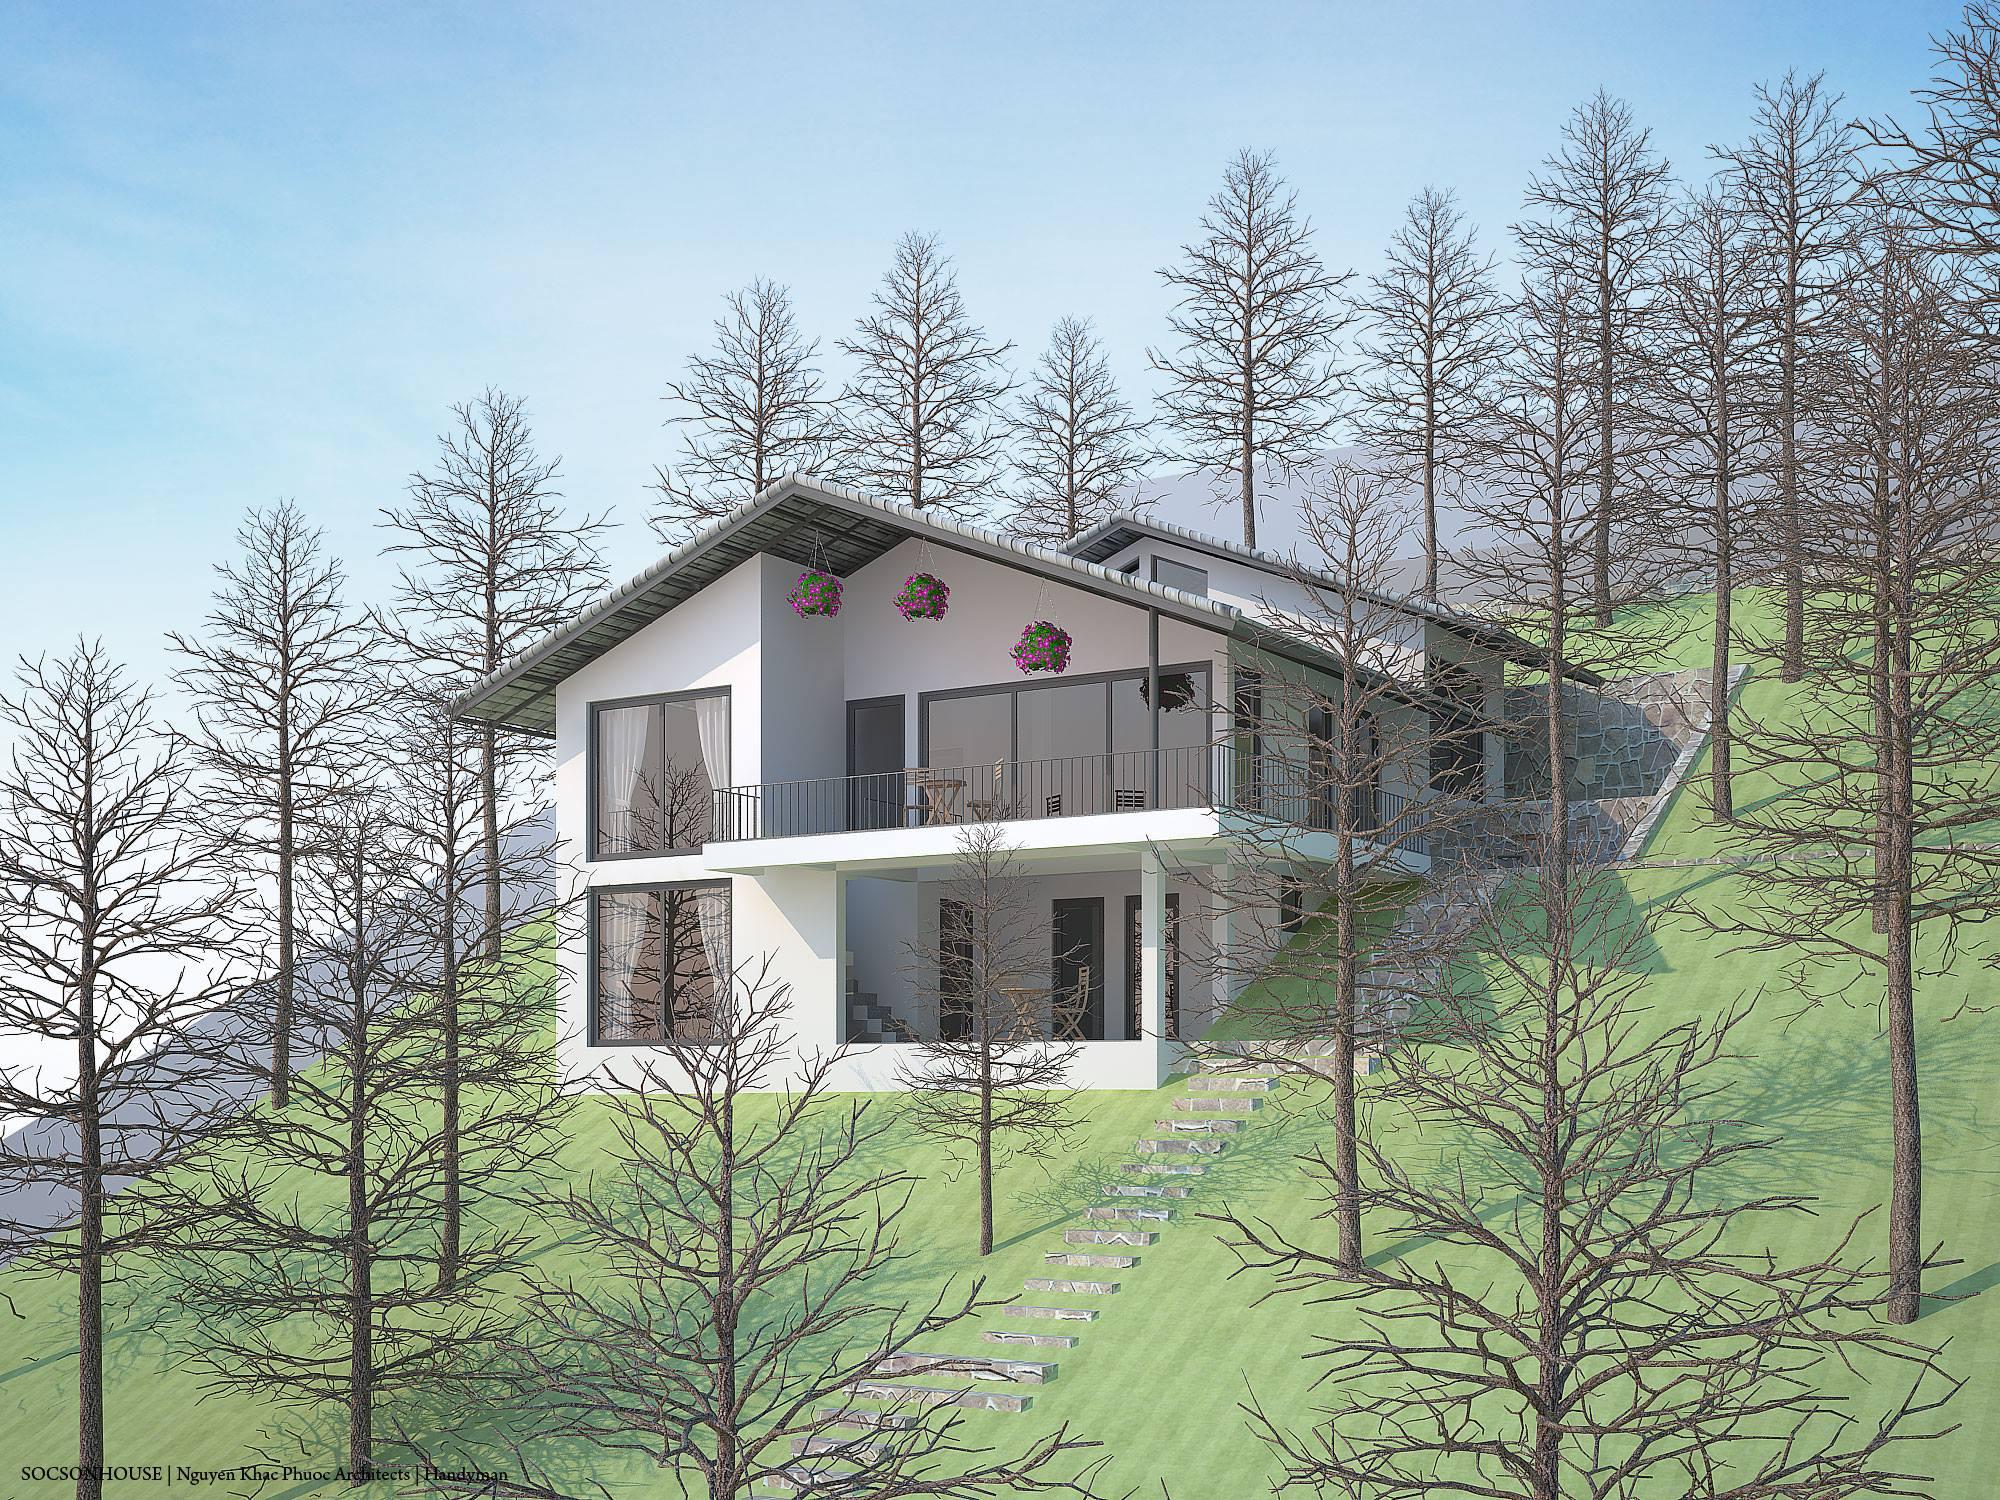 Thiết kế biệt thự đẹp mái chồng mái nằm lưng chừng núi ở Sóc Sơn - Nhà Đẹp Số (1)